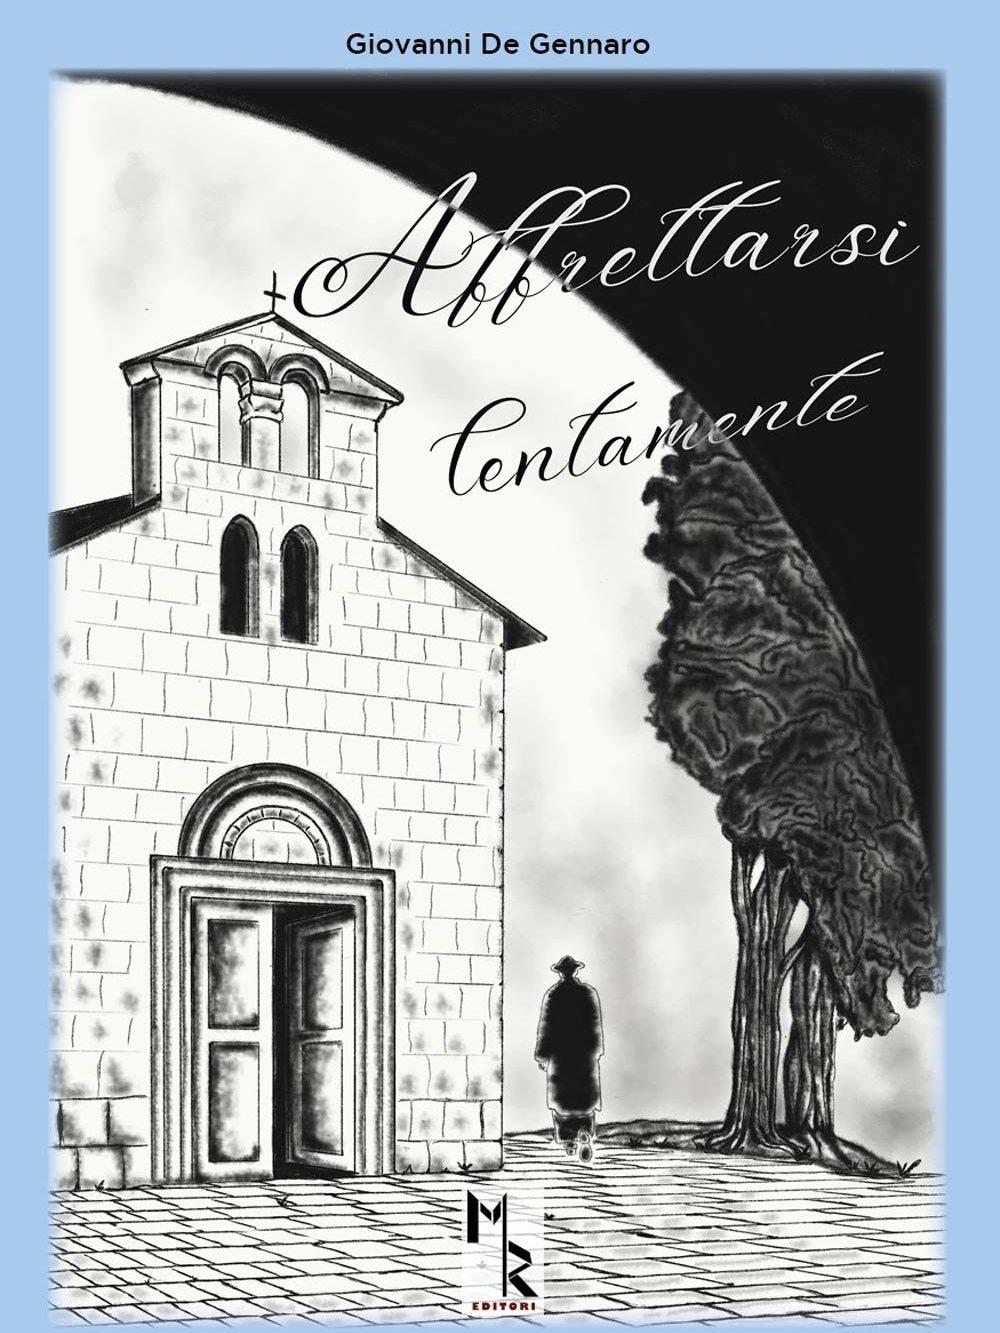 Giovanni De Gennaro; Affrettarsi lentamente